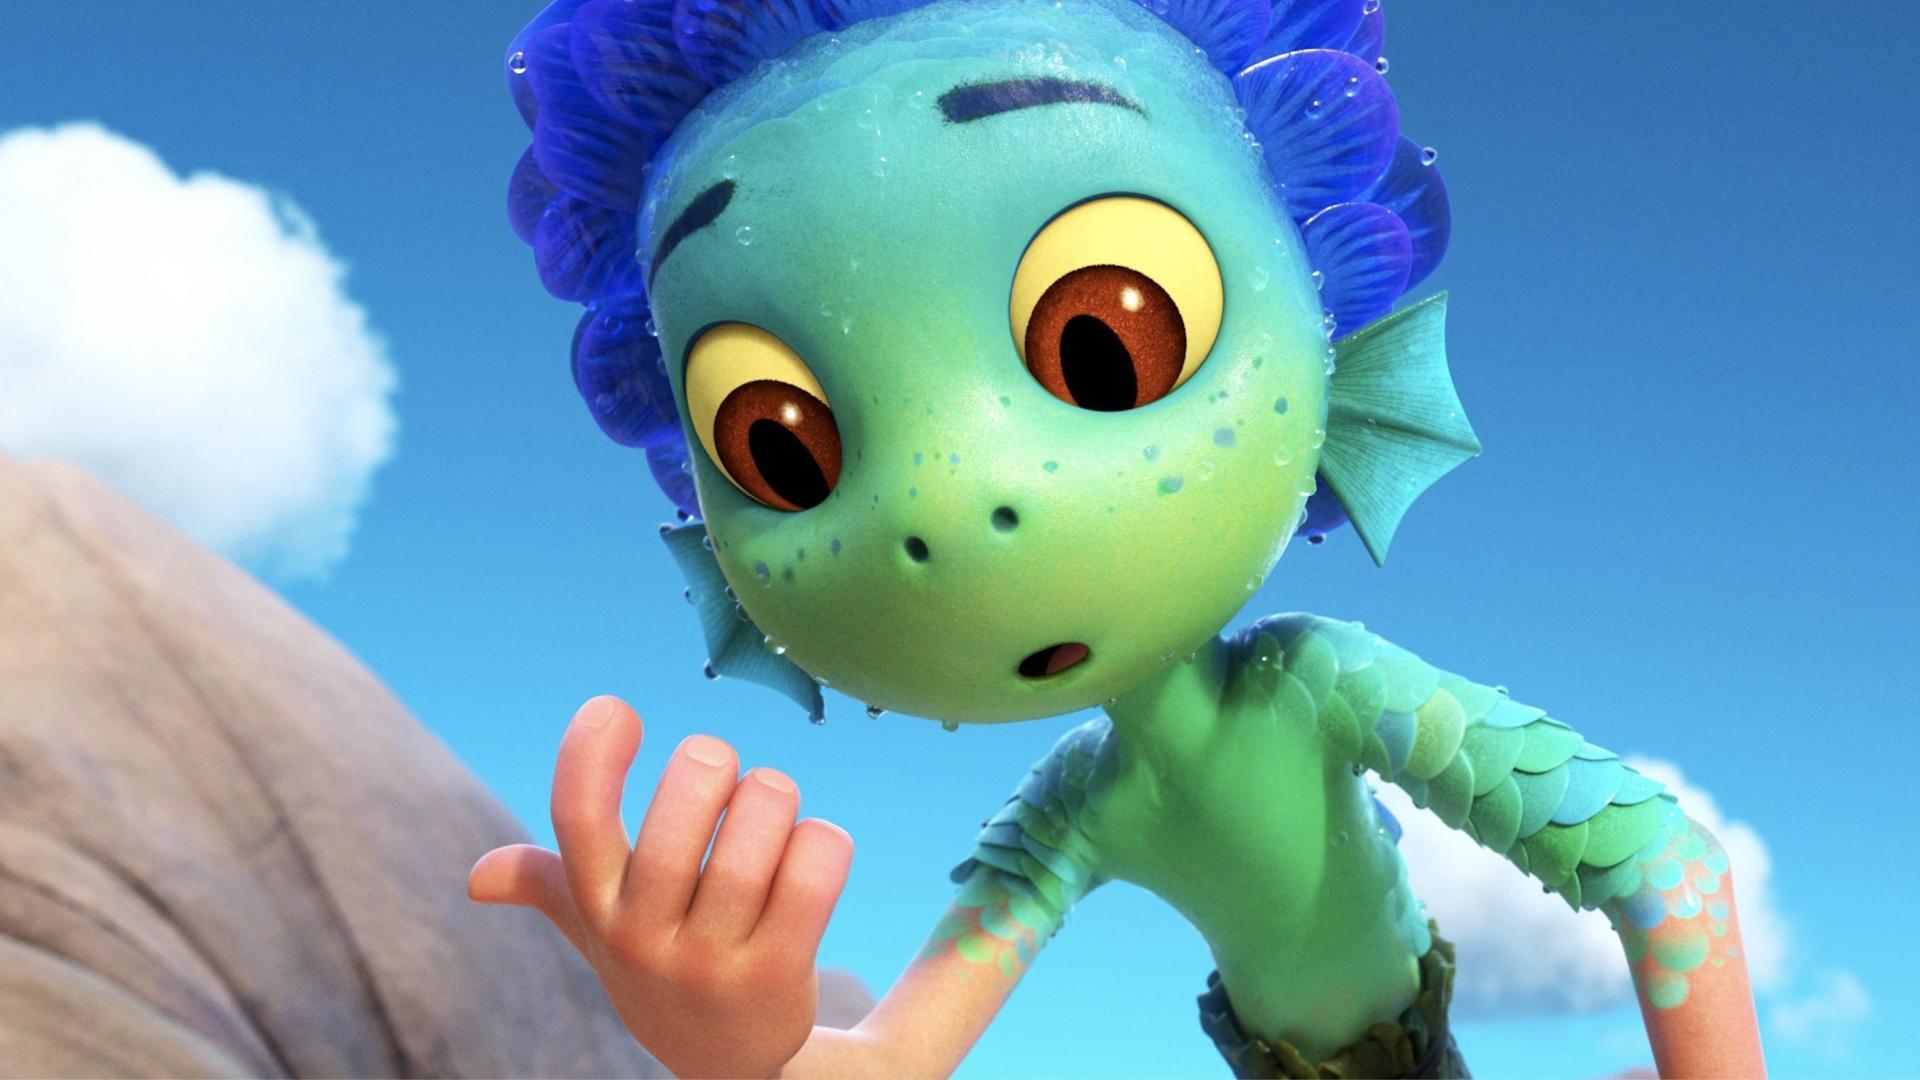 La nueva película de Pixar ya se puede ver gratis en Disney Plus